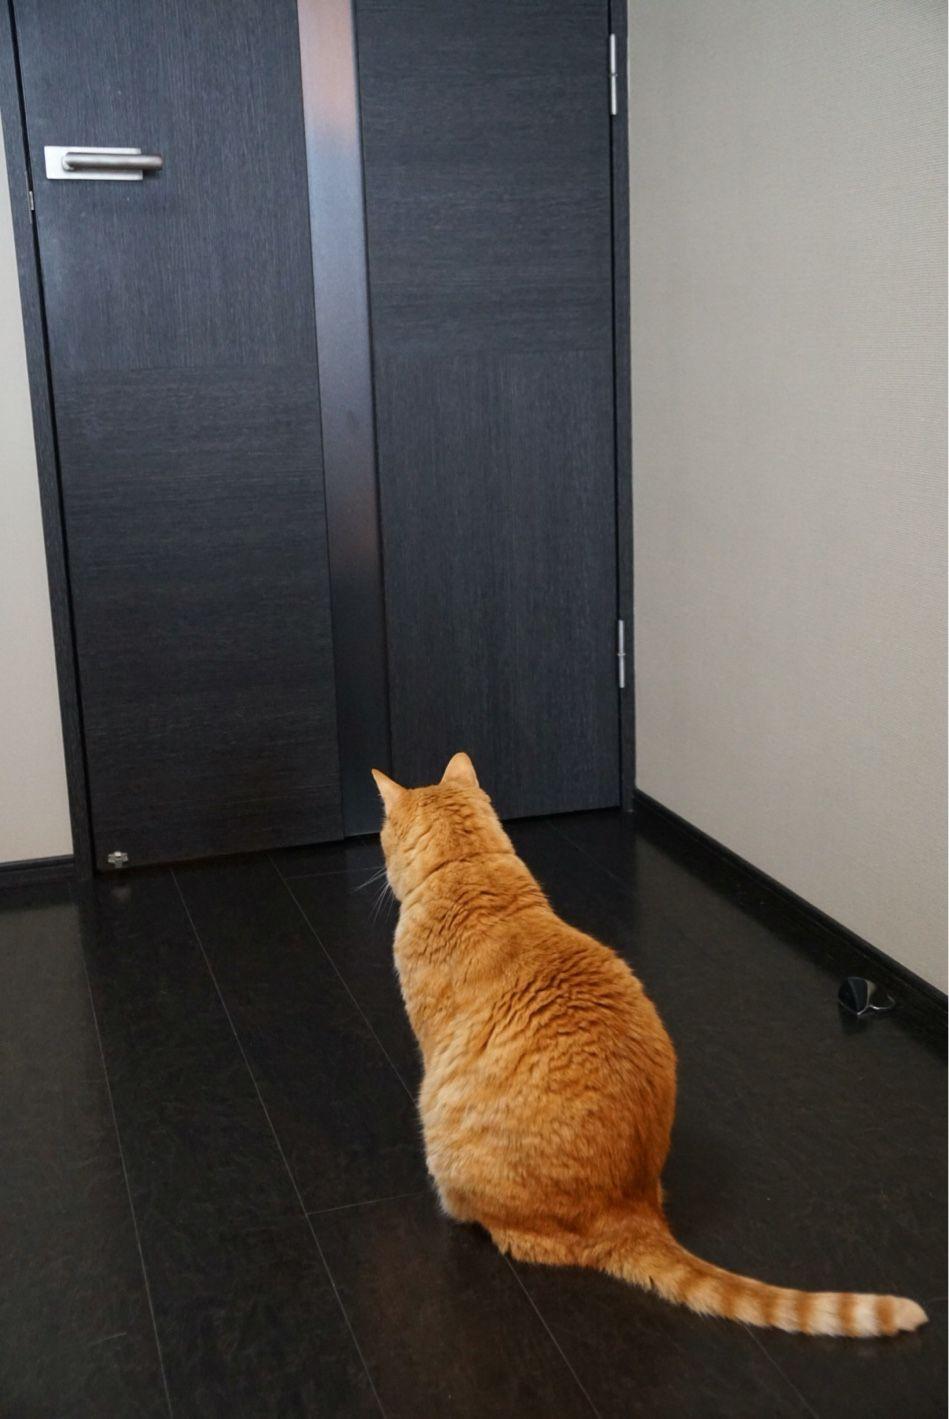 ただいにゃー ちゃんとドアの開閉を計算して待つイマル君 にゃー して ドア